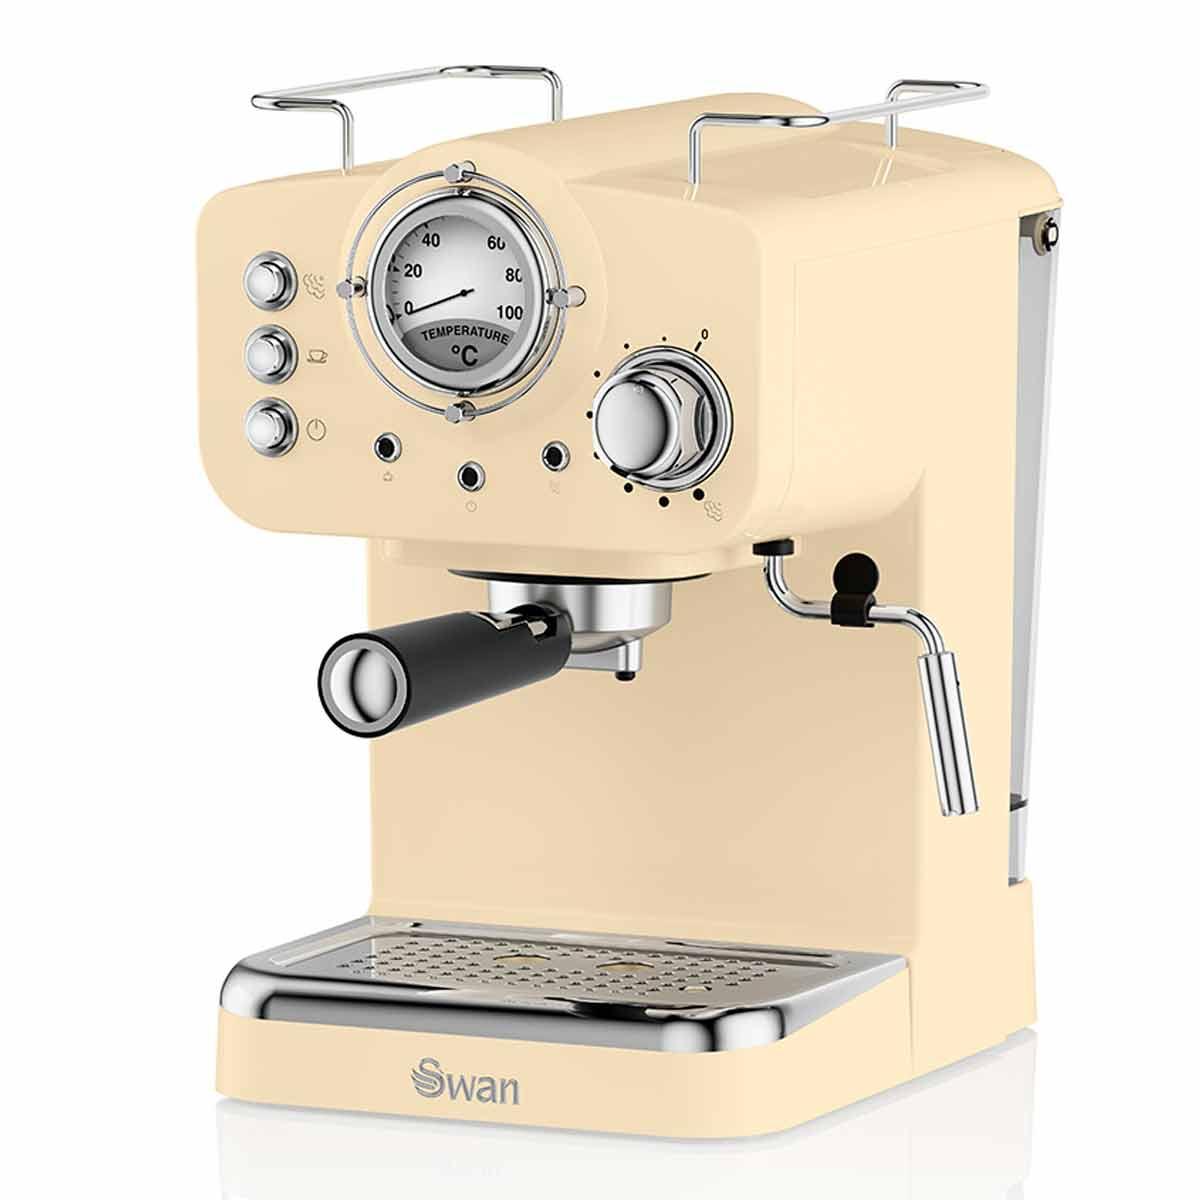 Swan Retro Espresso Coffee Machine, Cream